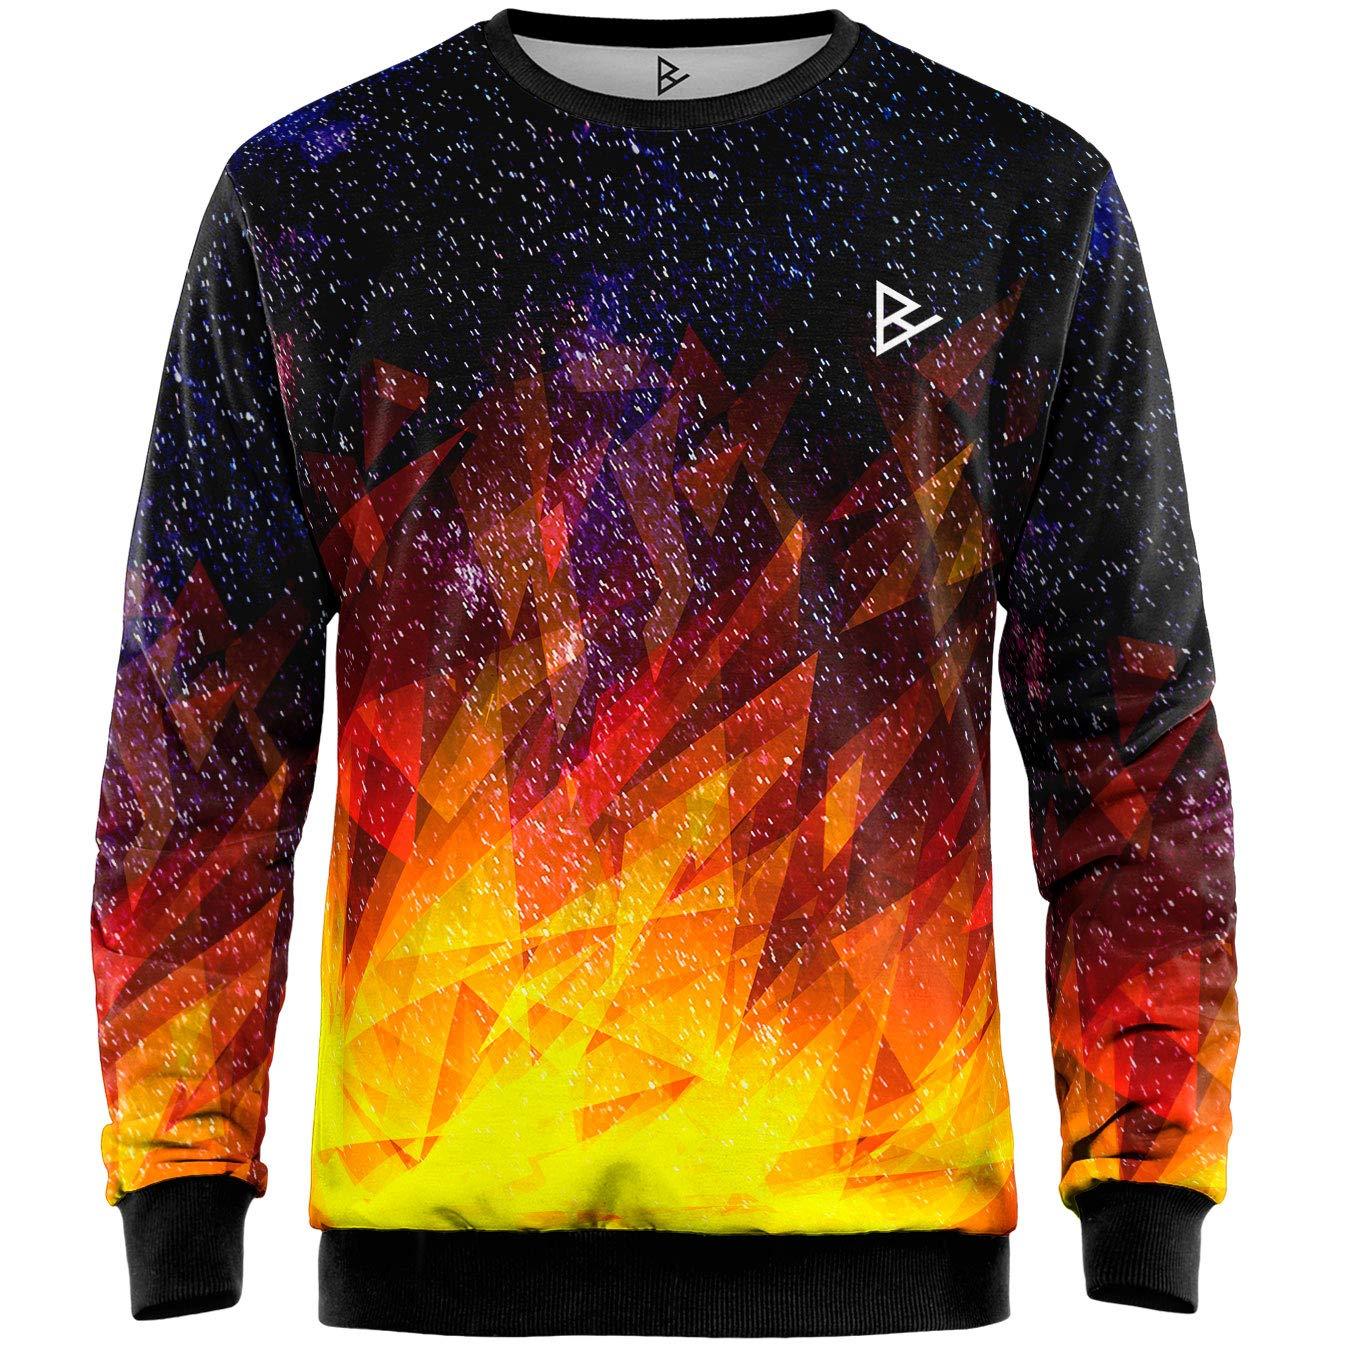 Blowhammer - Sweatshirt Herren - Burning Night SWT